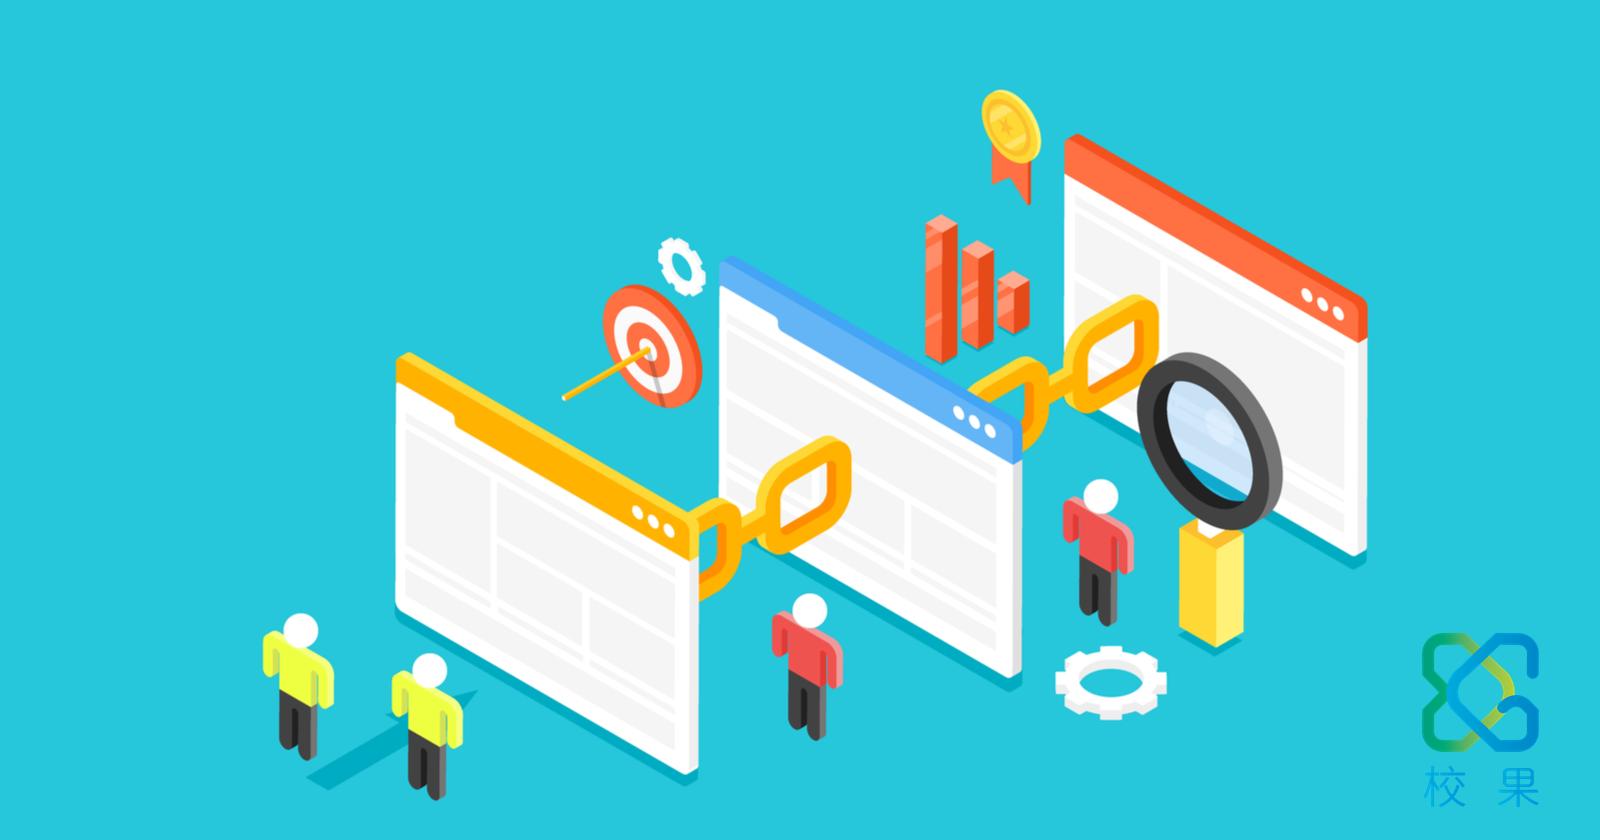 如何在校园营销中做好内容营销的策略呢